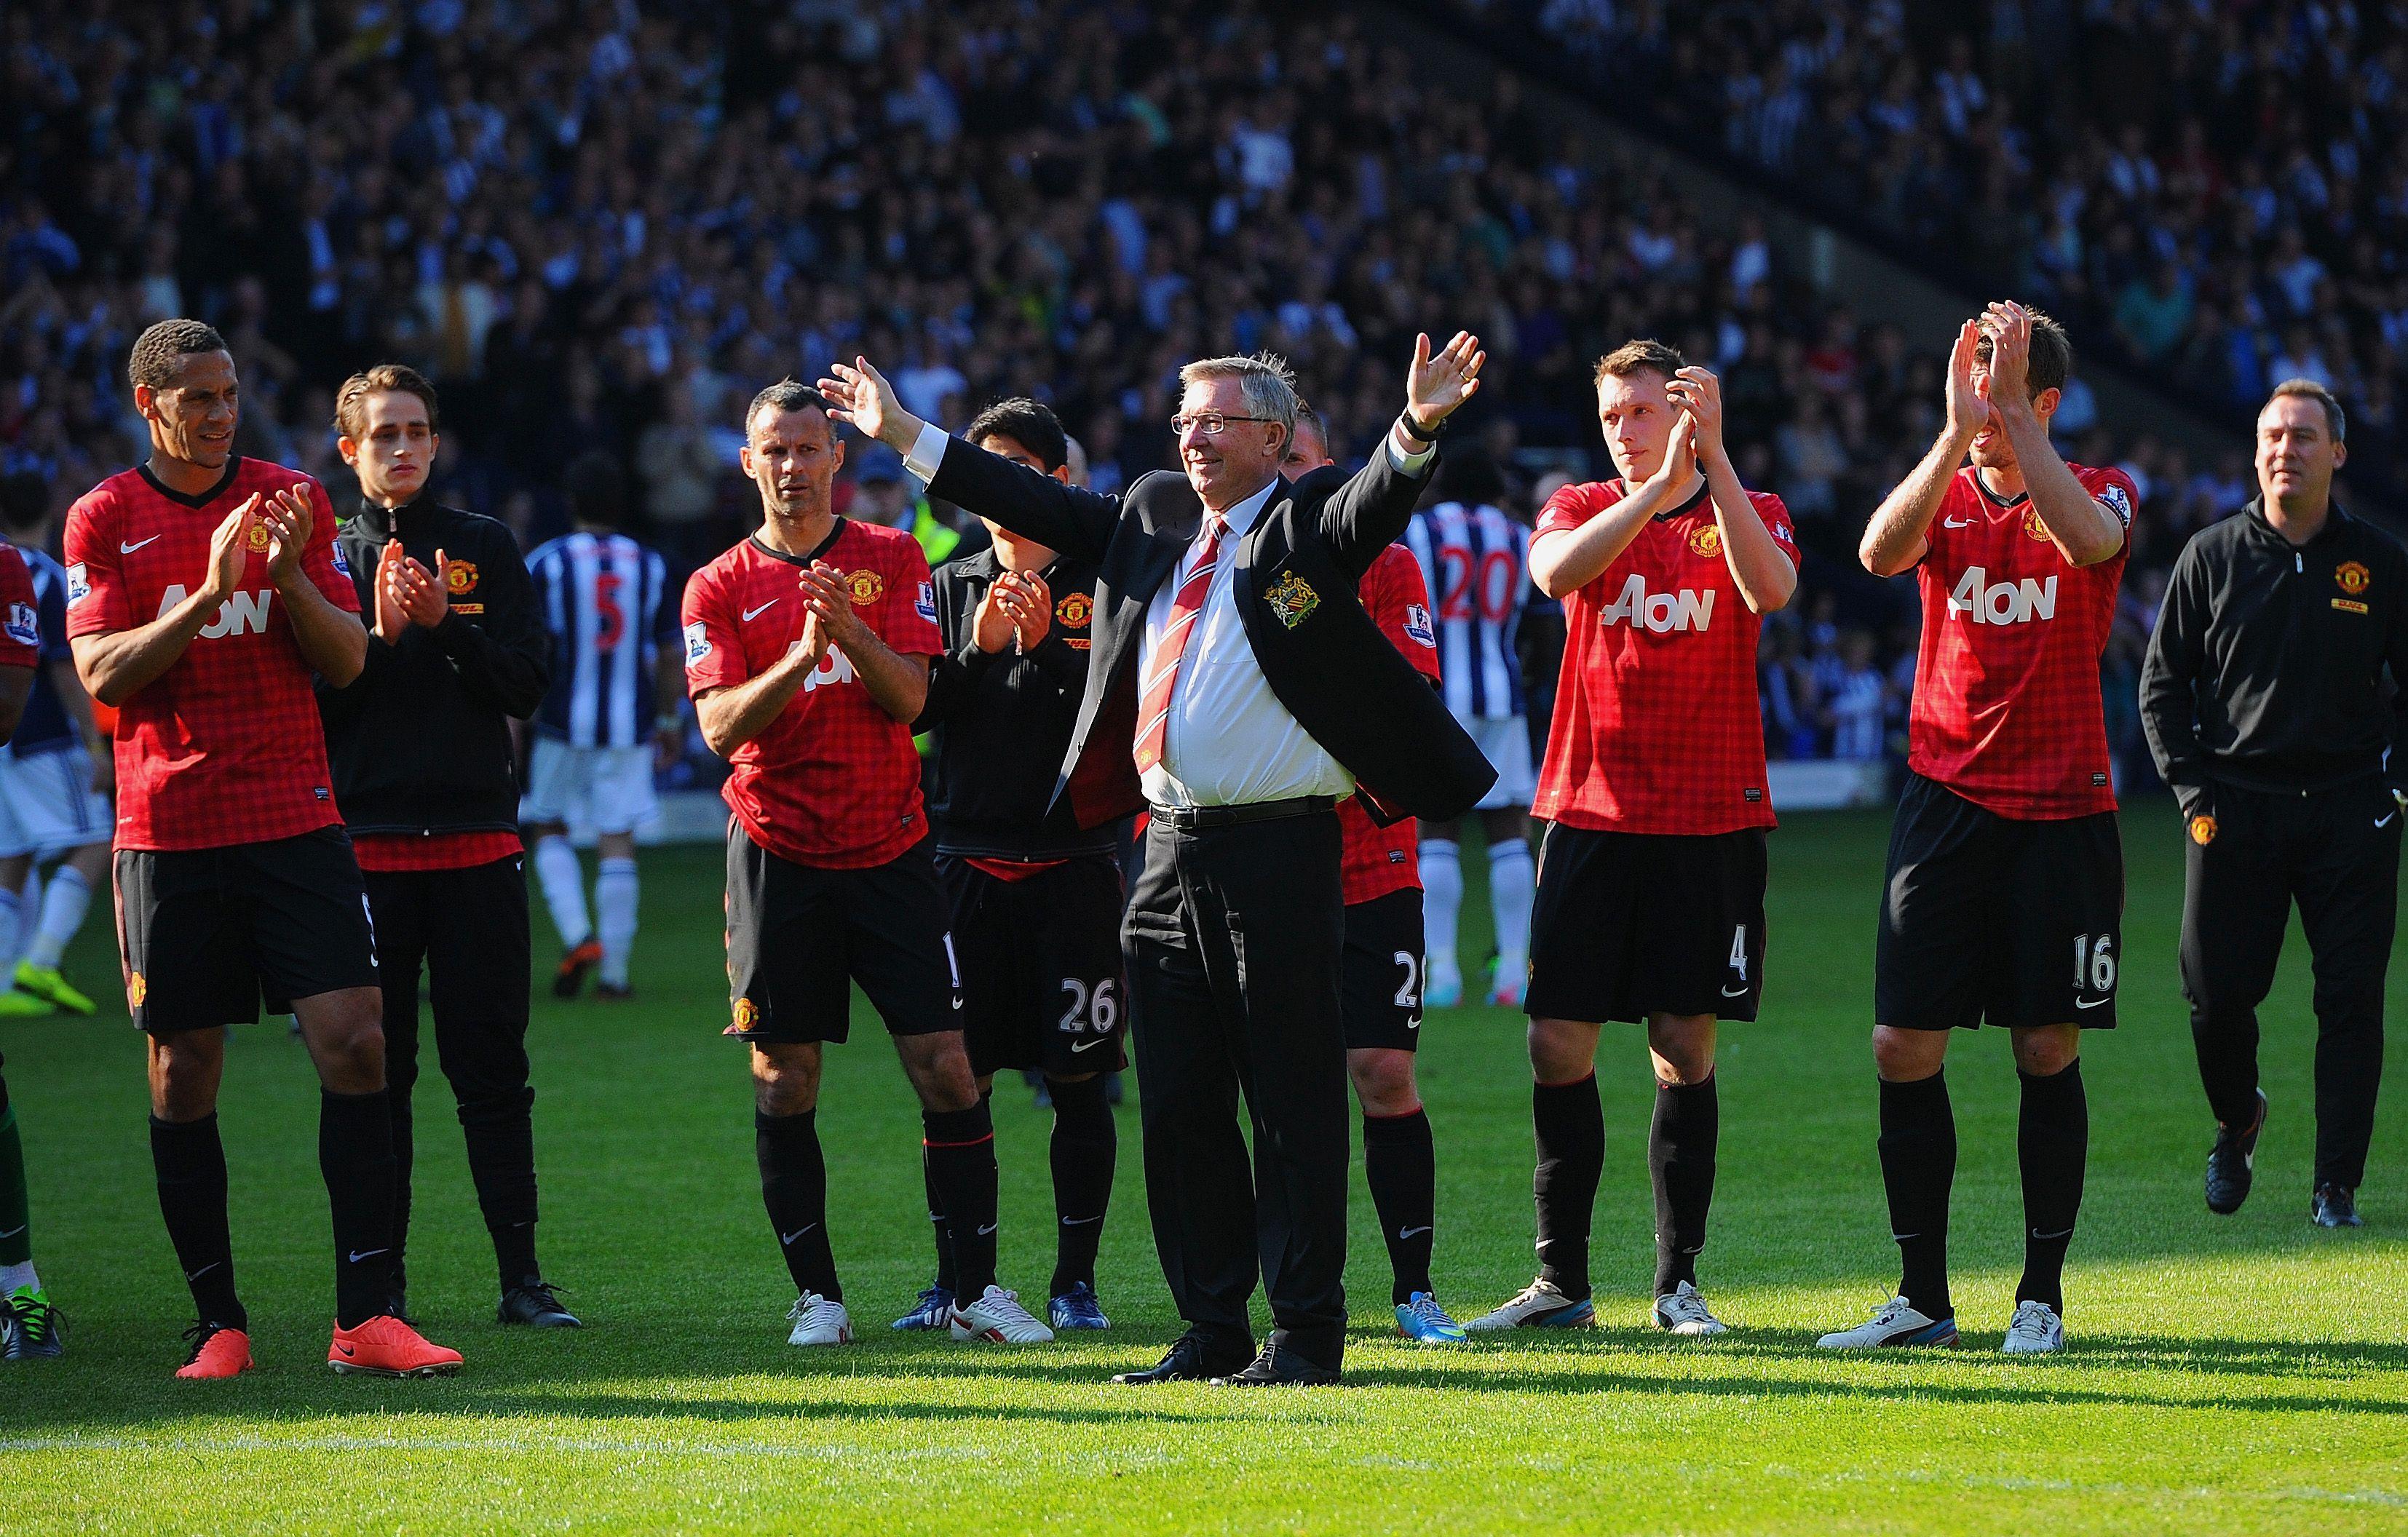 Sir Alex Ferguson Bids A Fond Farewell To The Manutd Fans Following His Final Gam Manchester United Manchester United Football Club Manchester United Football